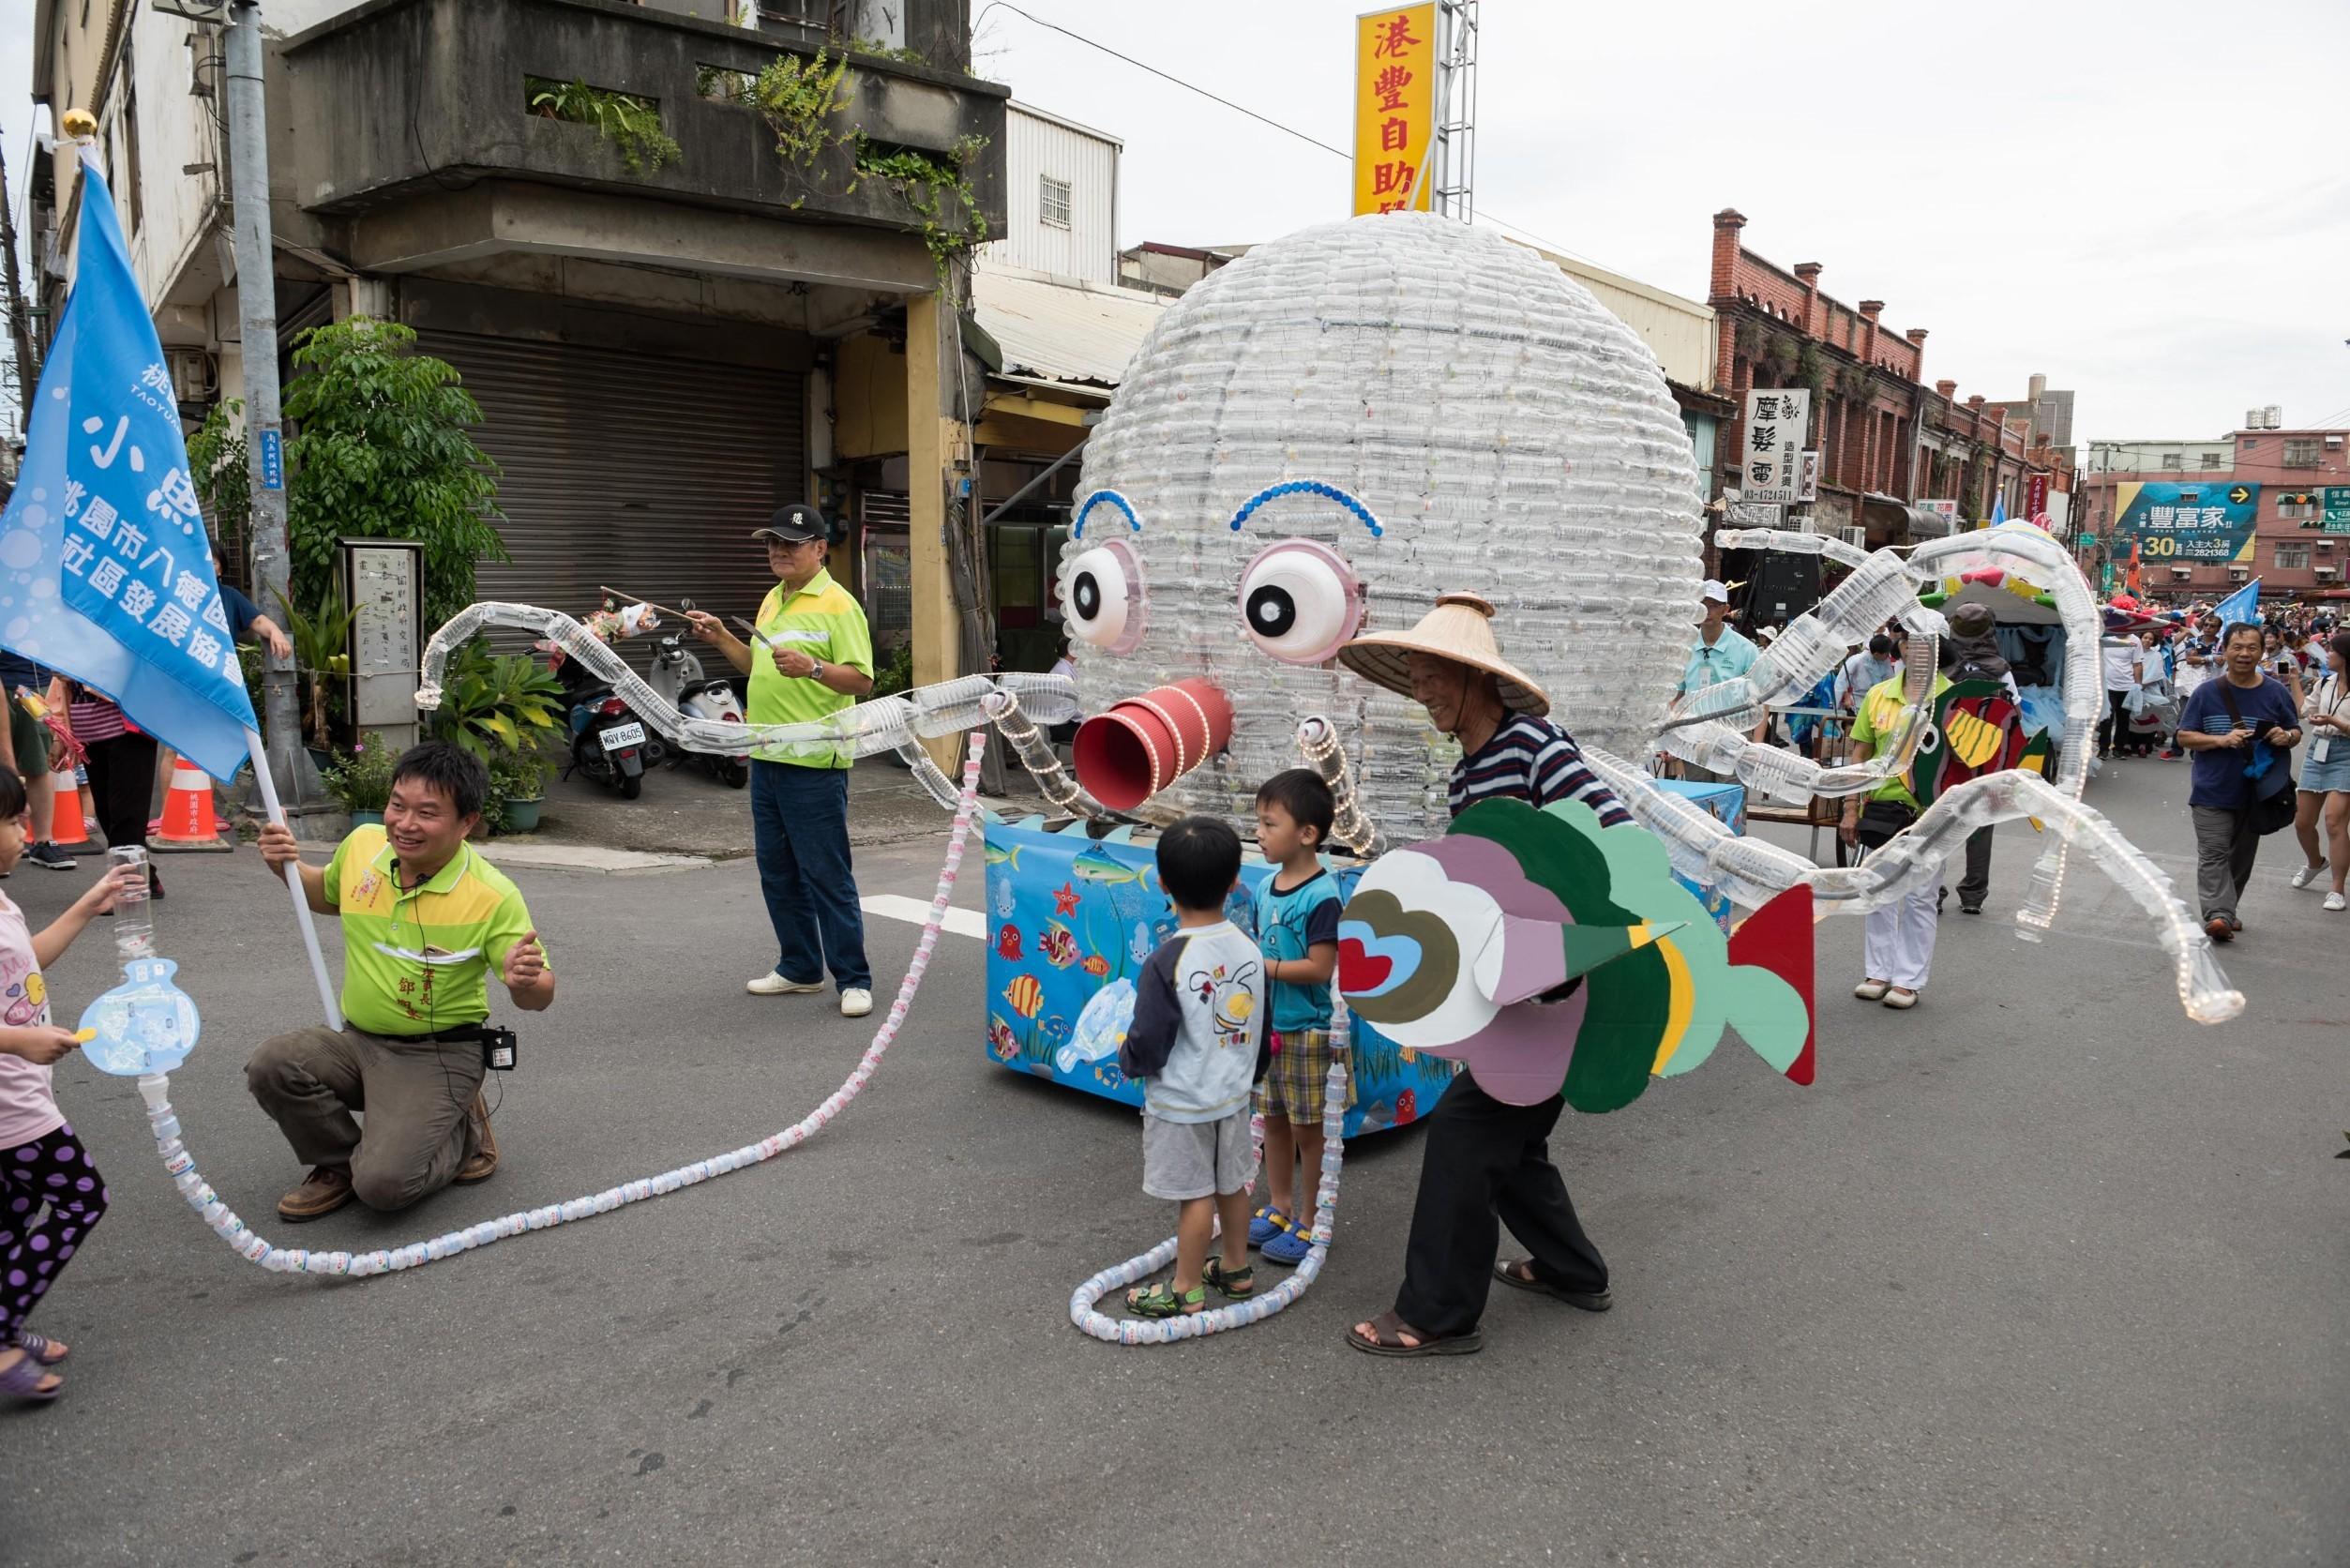 百魚遊富岡踩街活動